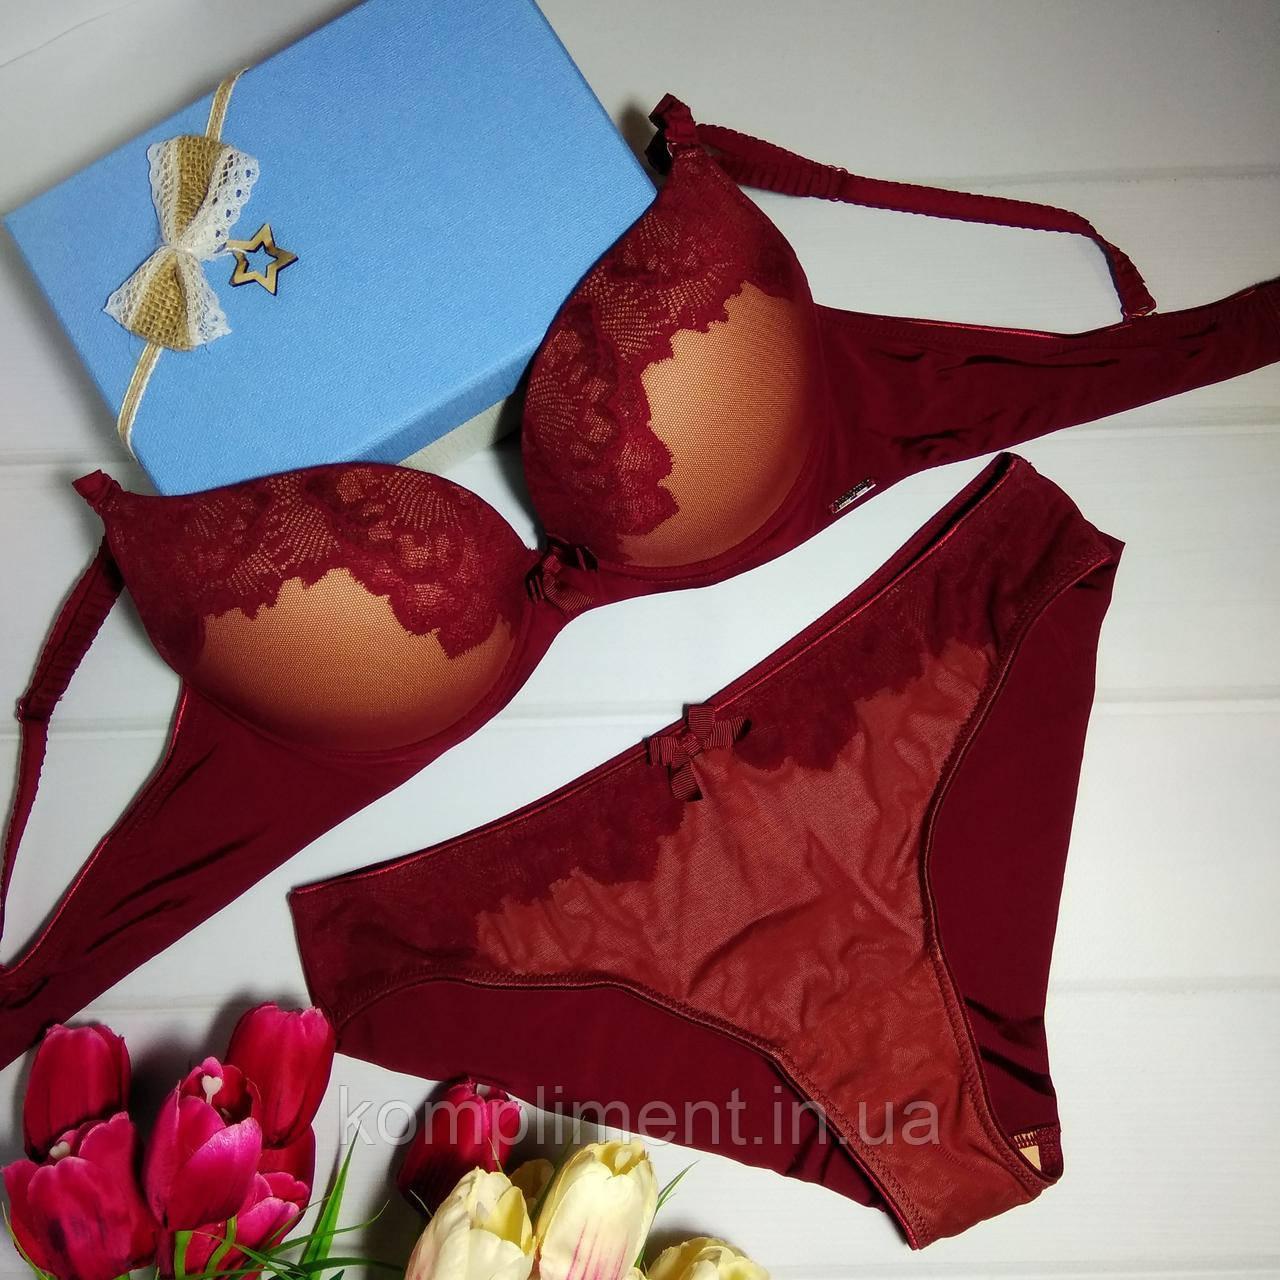 Комплект женского нижнего белья с эффектом пуш ап Balalaum 9381 бордовый.